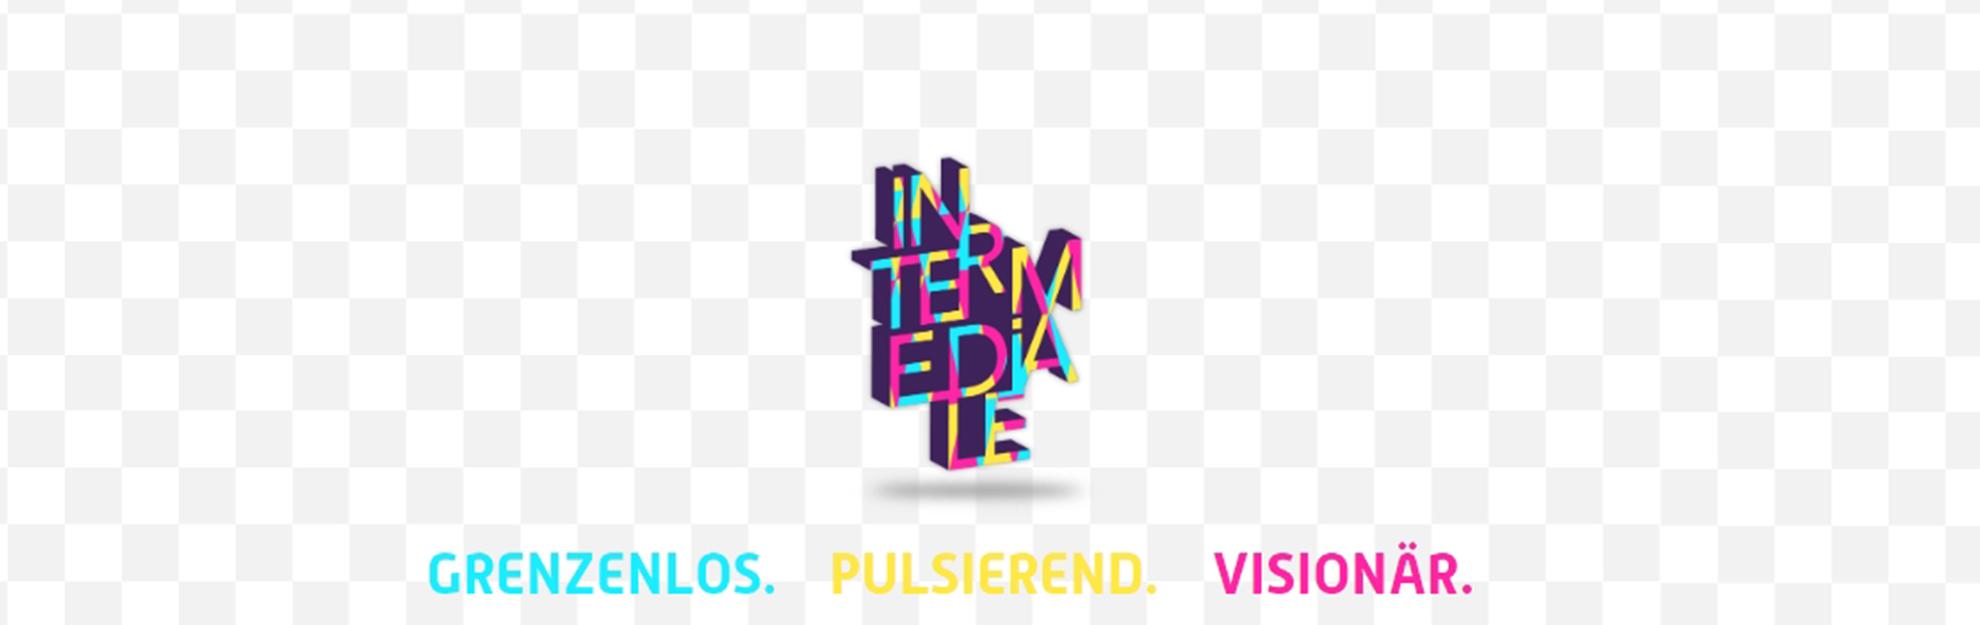 Intermediale Trier